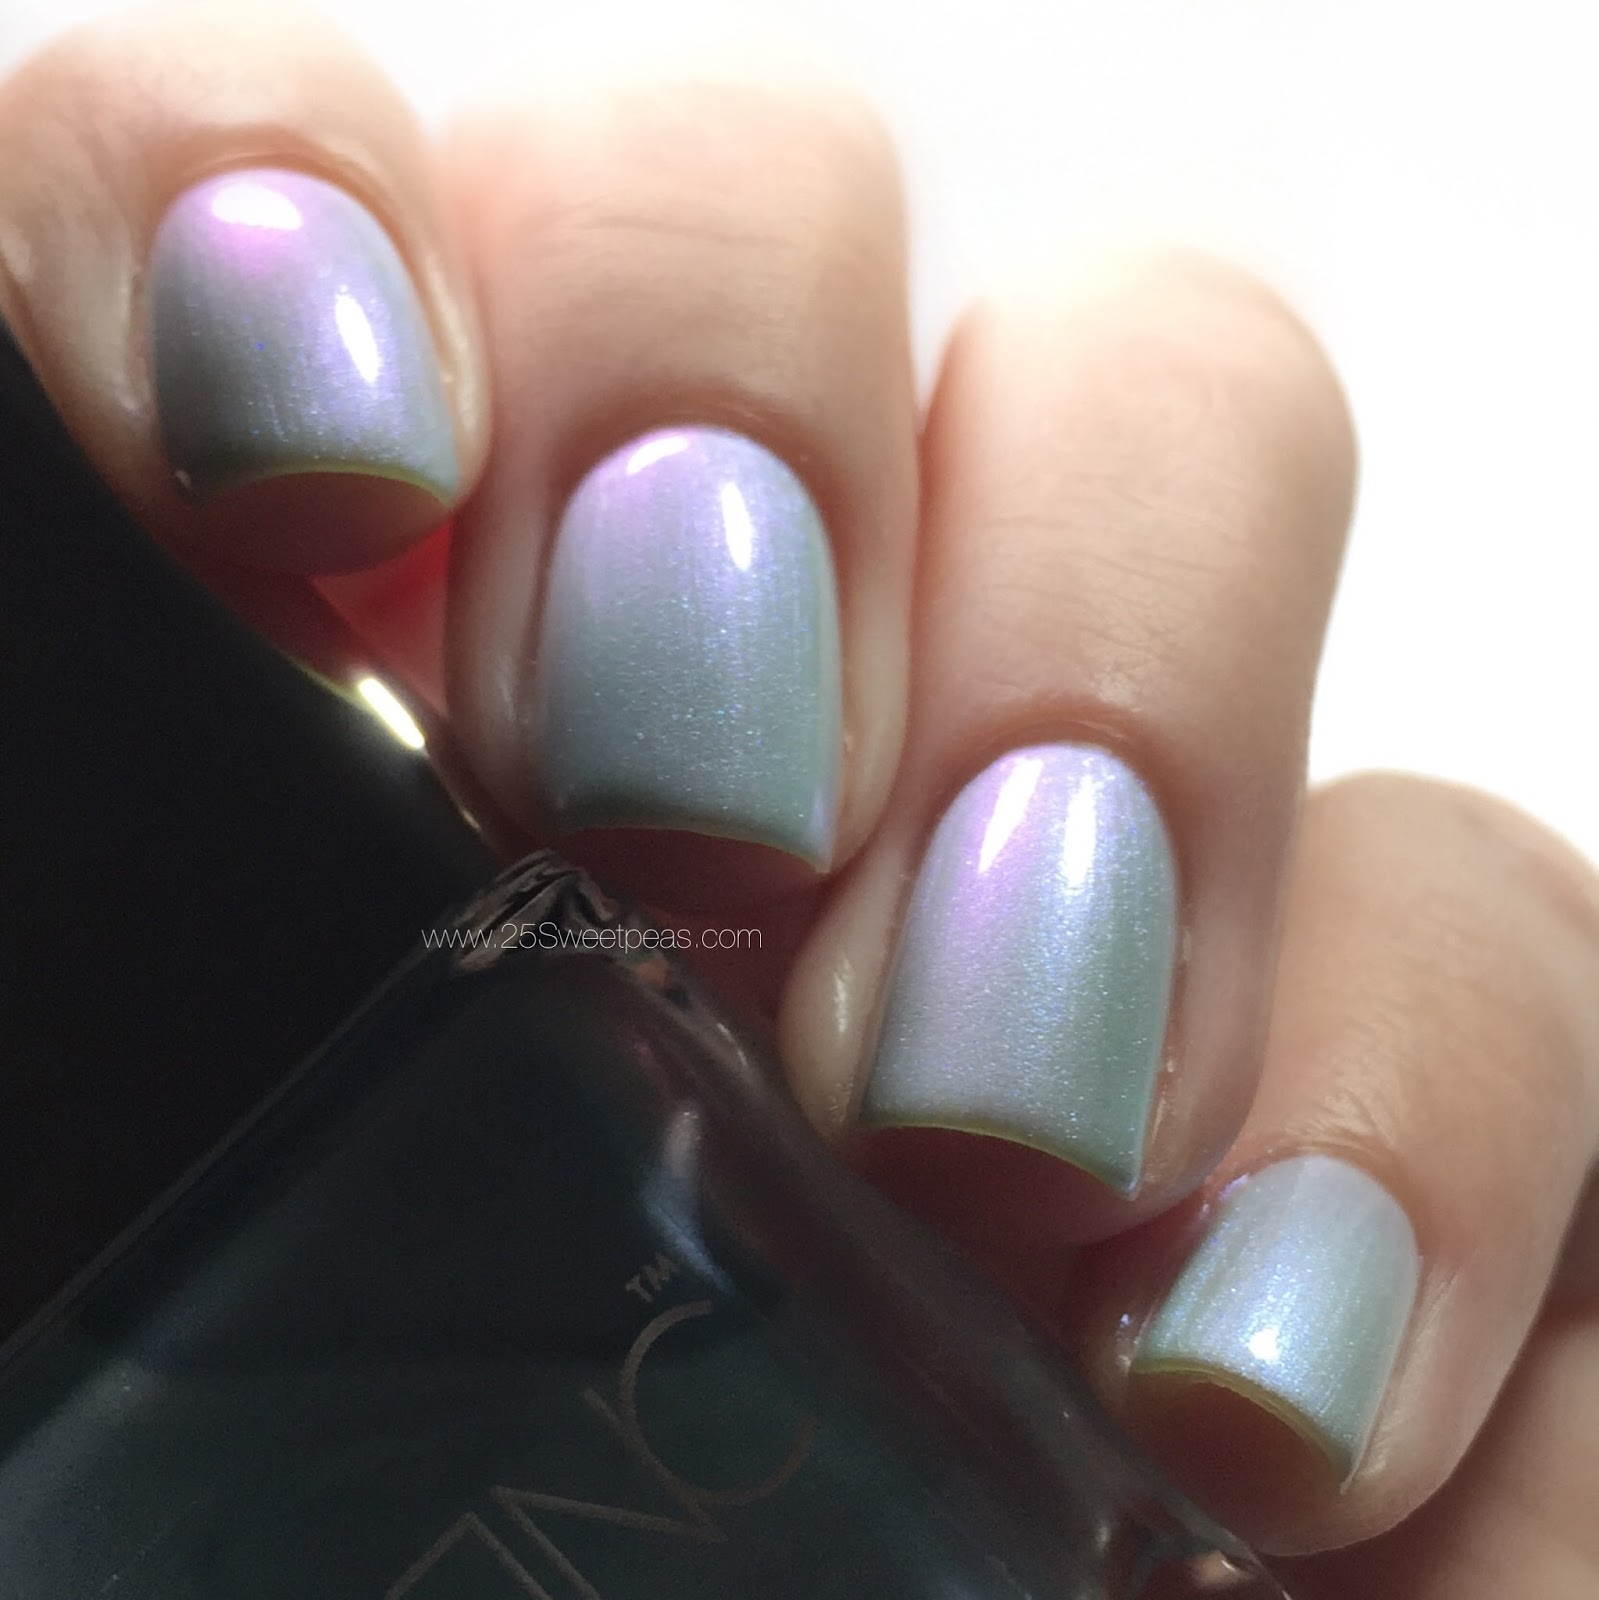 Nails Inc Mermaid Parade